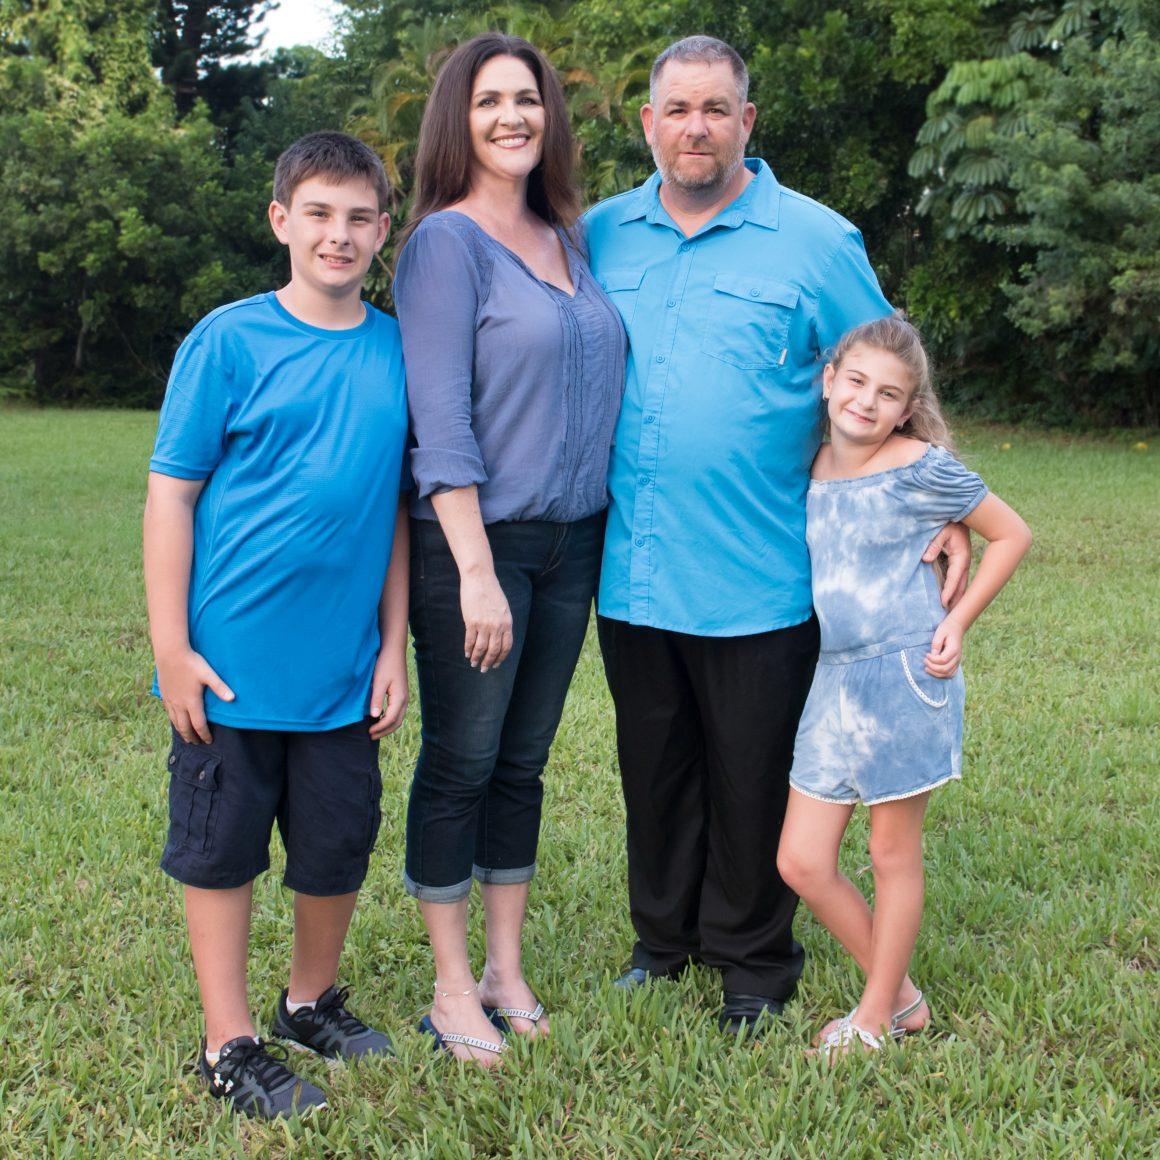 The Taraboulos Family